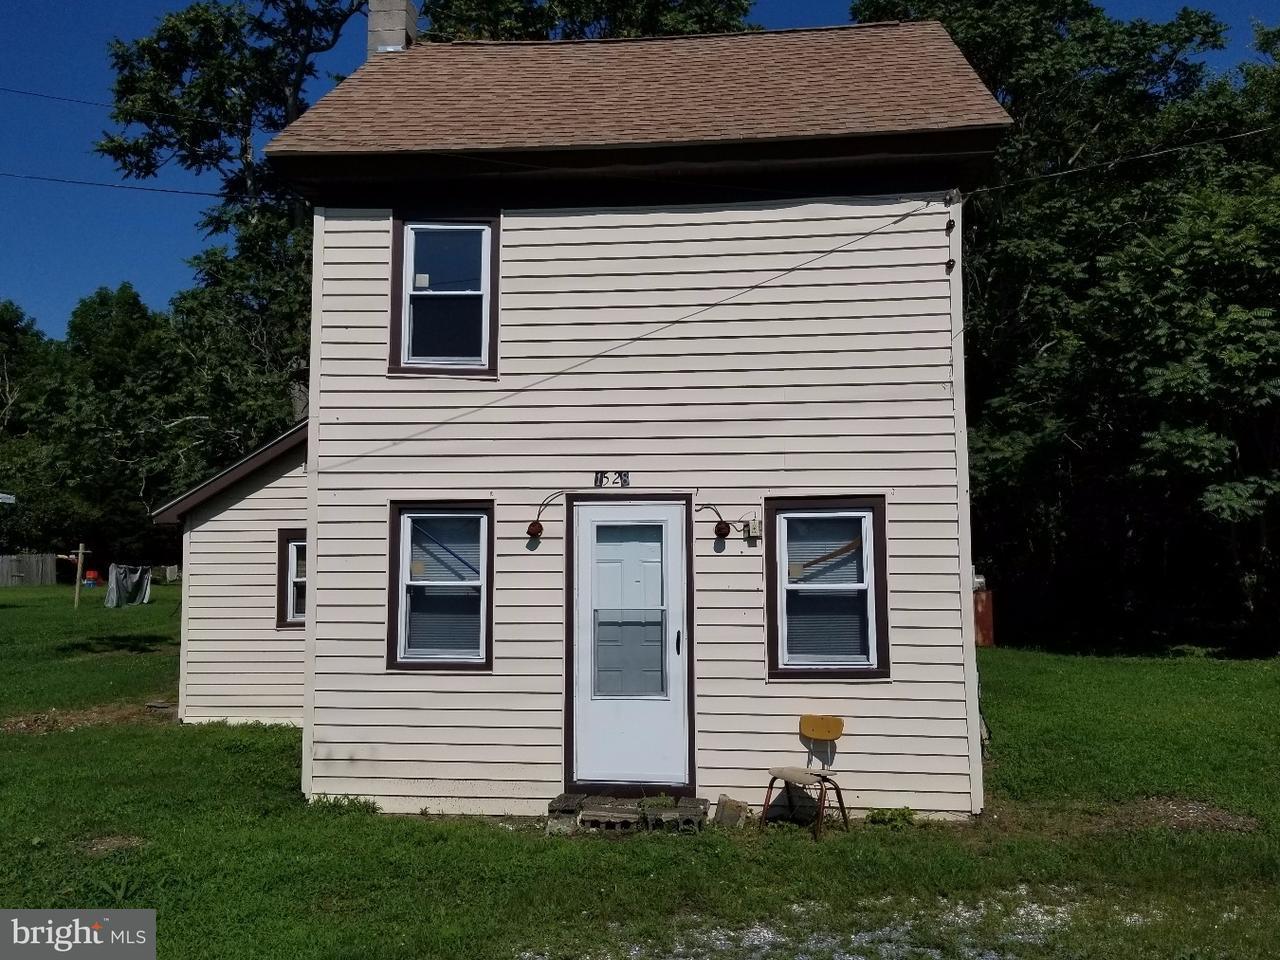 Частный односемейный дом для того Продажа на 1528 NORTH Avenue Port Norris, Нью-Джерси 08349 Соединенные Штаты